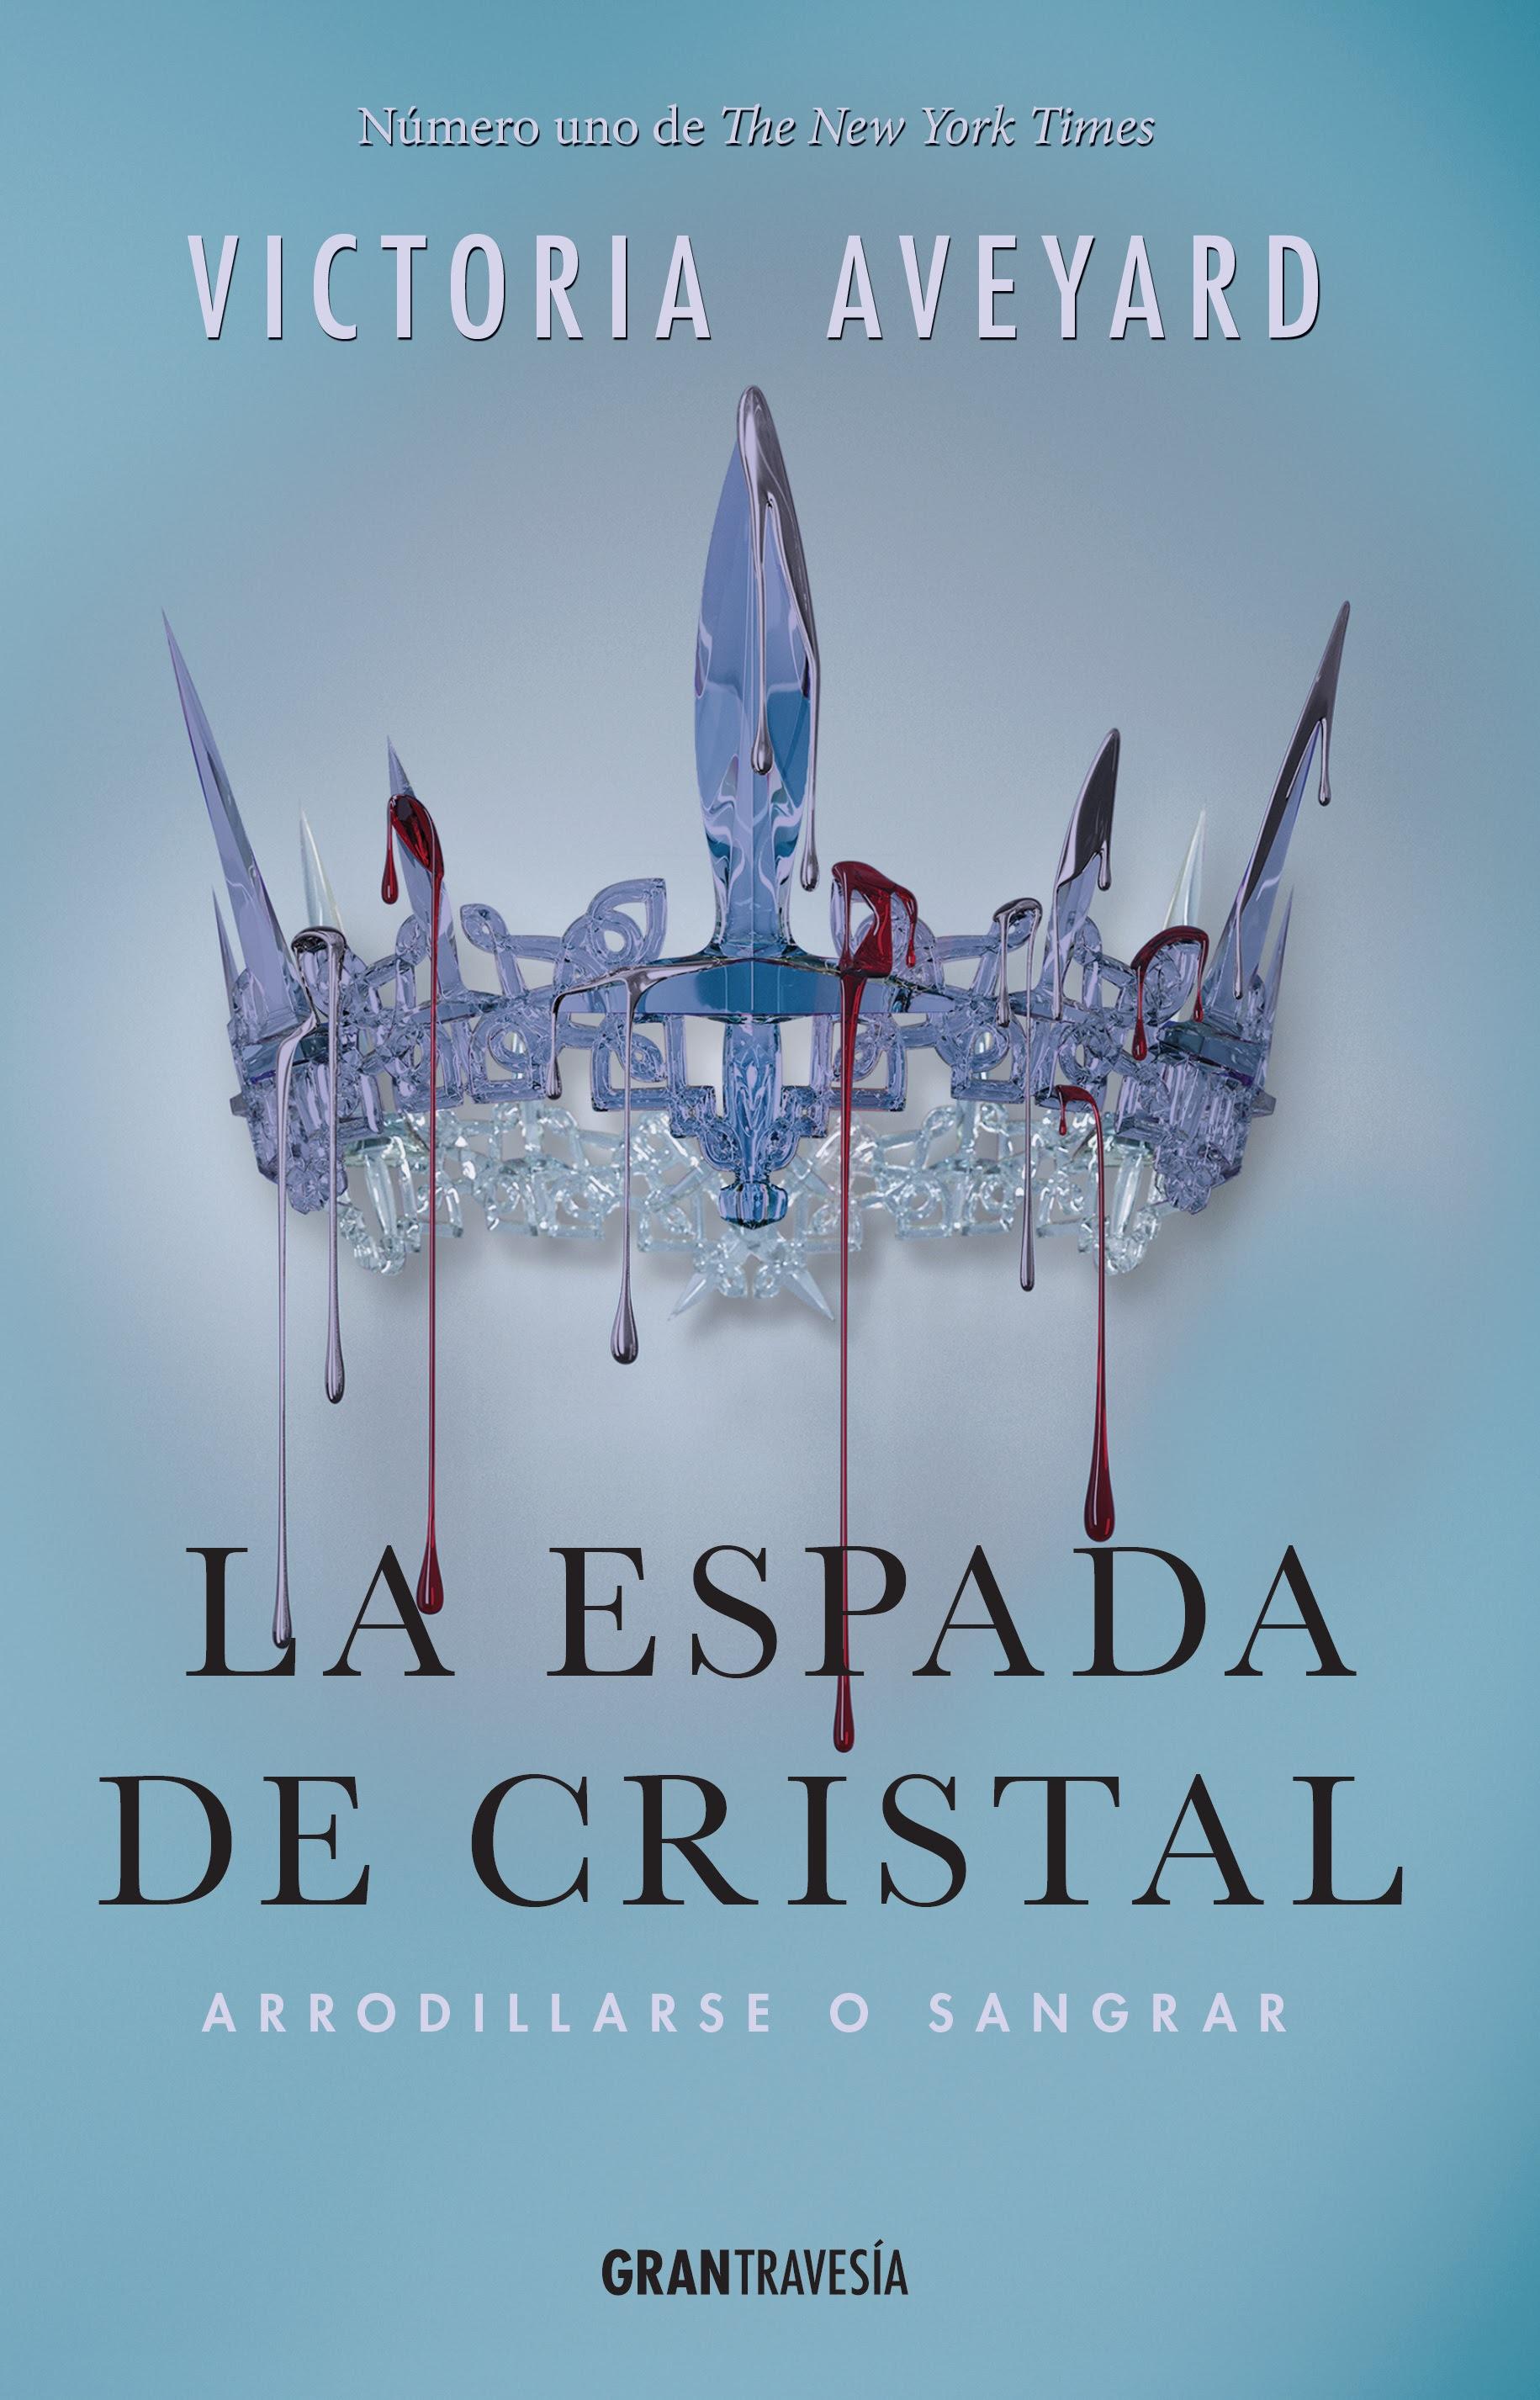 Resultado de imagen de la espadade cristal